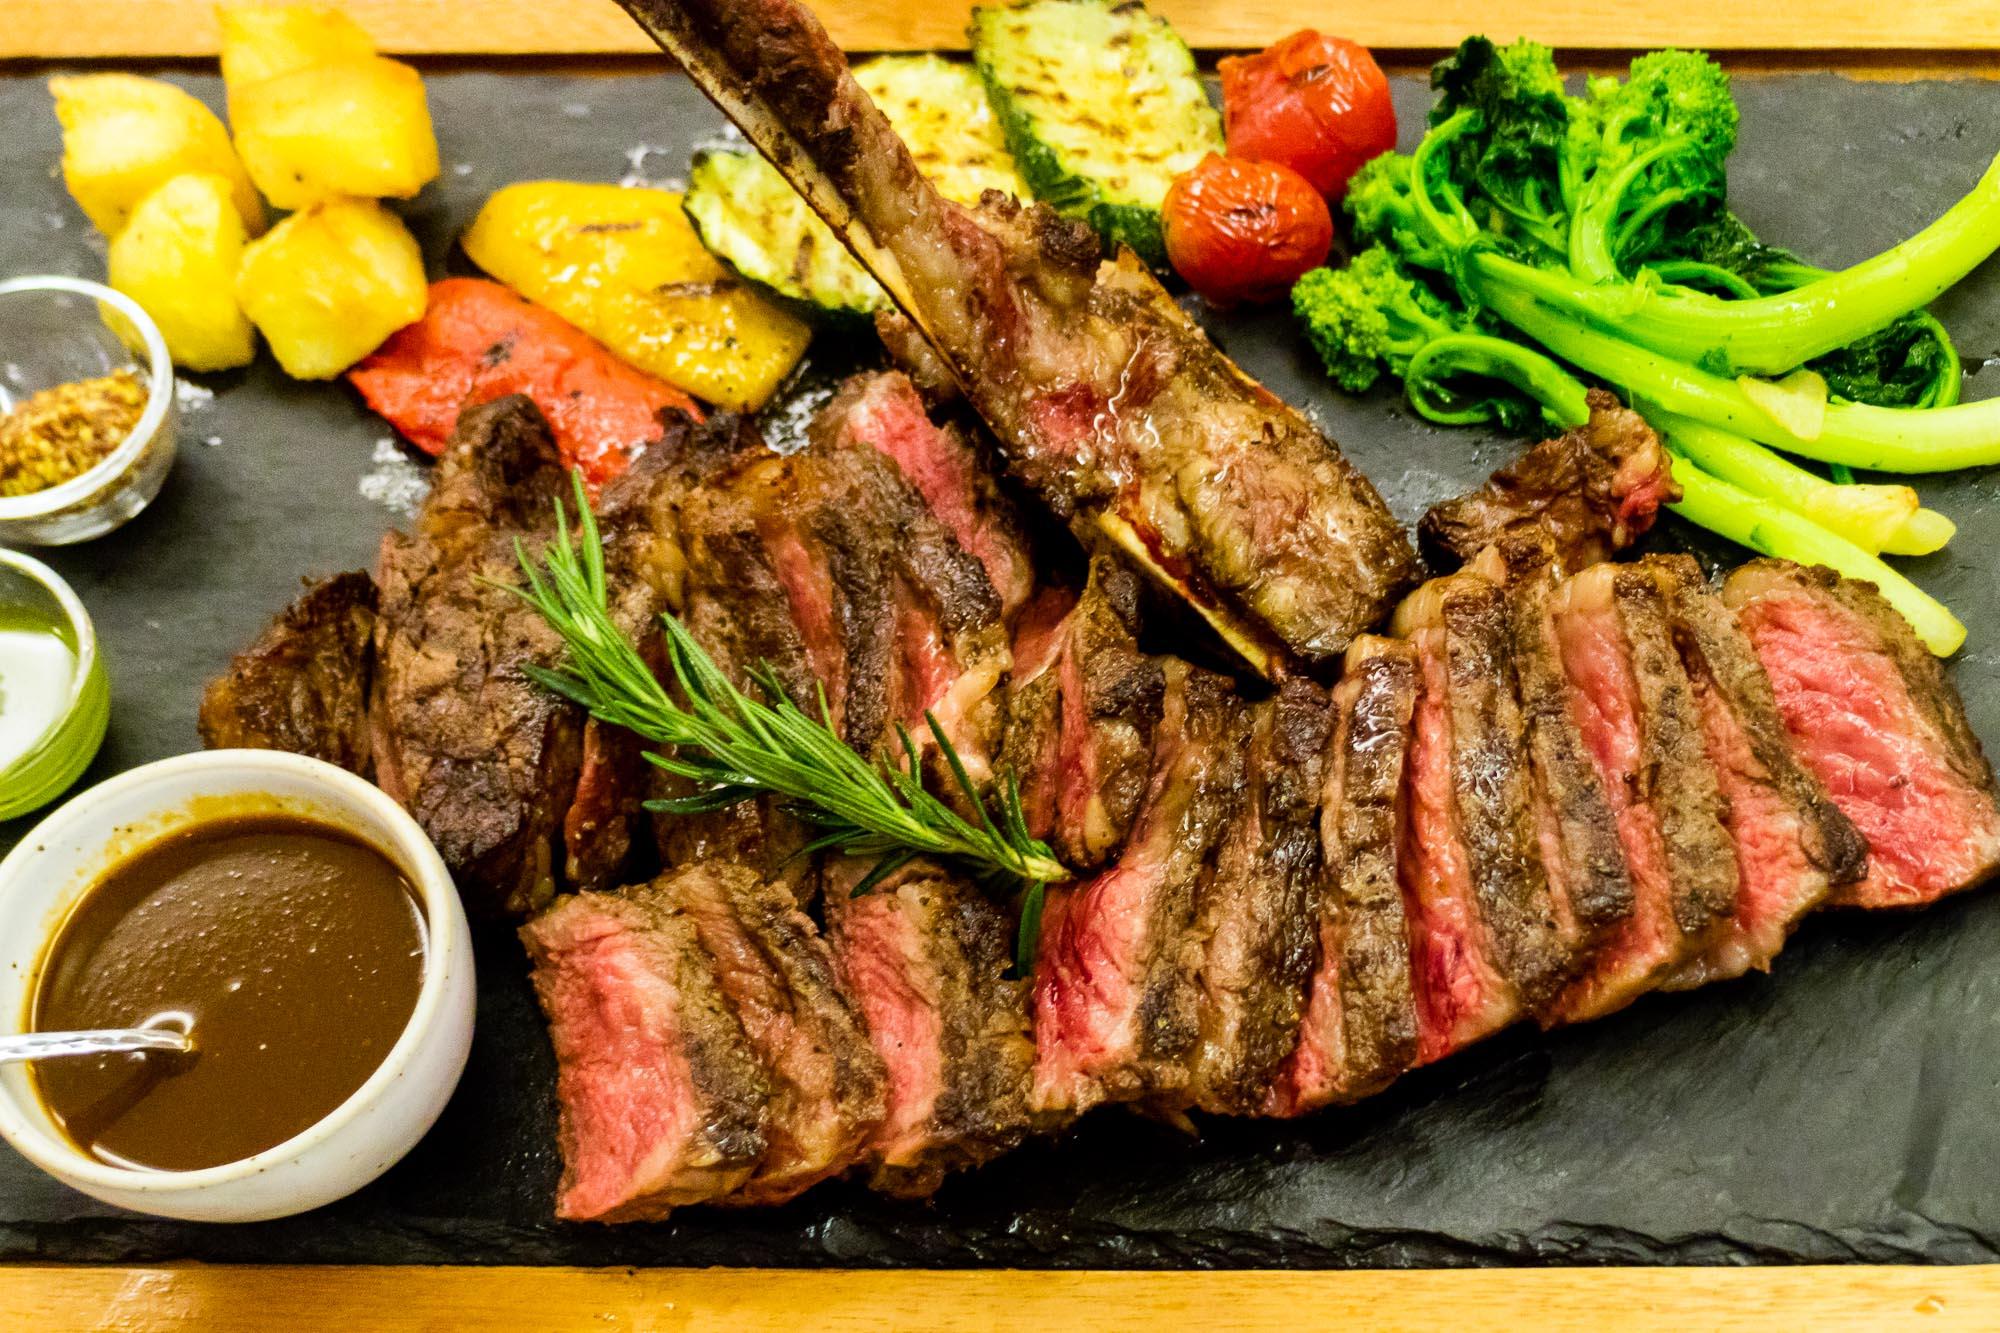 เทนเดอร์ริบอาย Calderazzo on 31  Calderazzo on 31 ร้านอาหารอิตาเลี่ยนแท้ ย่านสุขุมวิท ที่แนะนำให้มาลอง p79beb94ytoBc2A1bUx o